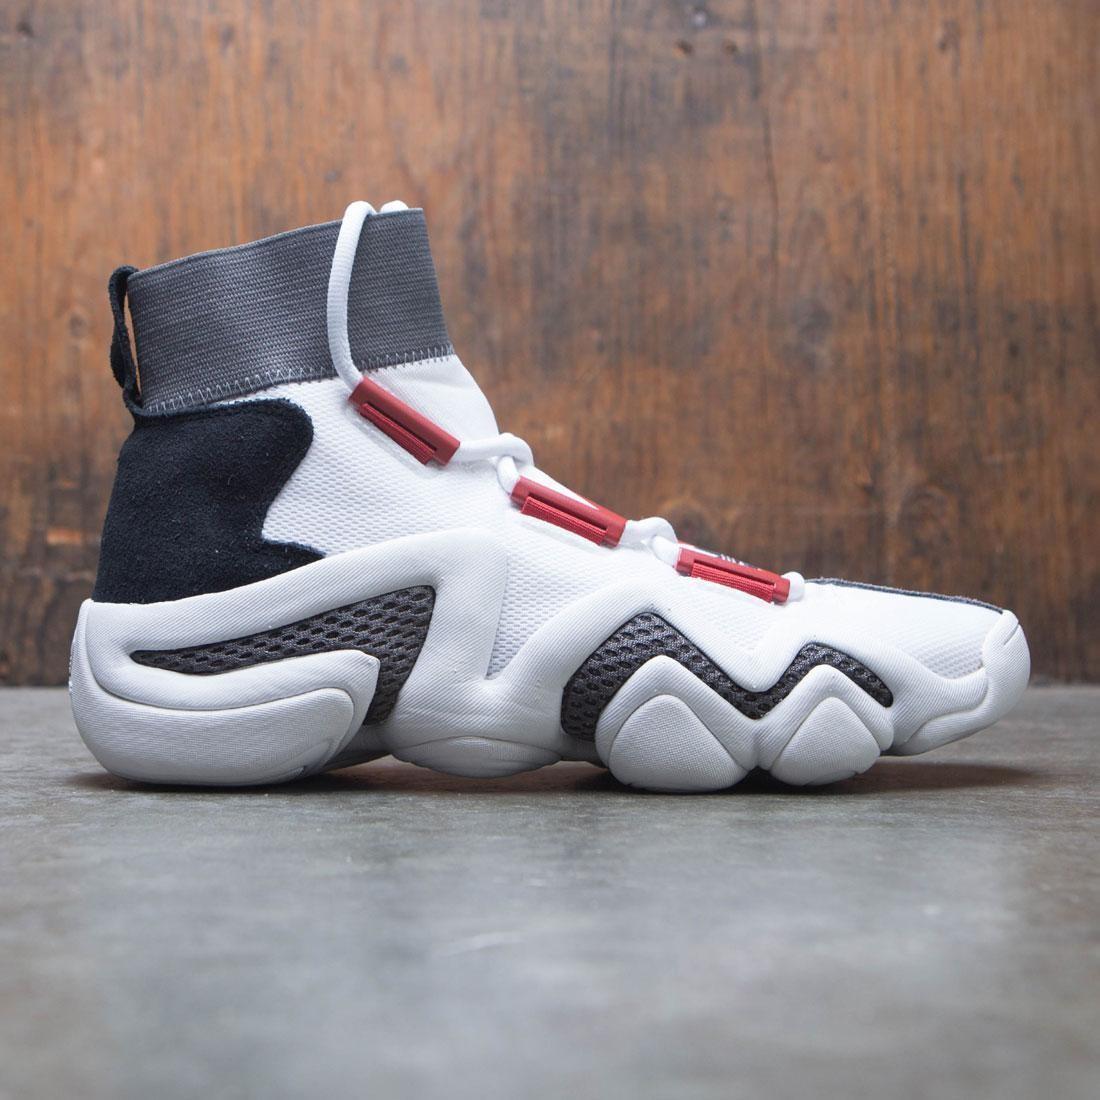 【海外限定】アディダス クレイジー コア 黒 ブラック 靴 メンズ靴 【 ADIDAS BLACK CONSORTIUM MEN CRAZY 8 A D WORKSHOP WHITE CORE RED 】